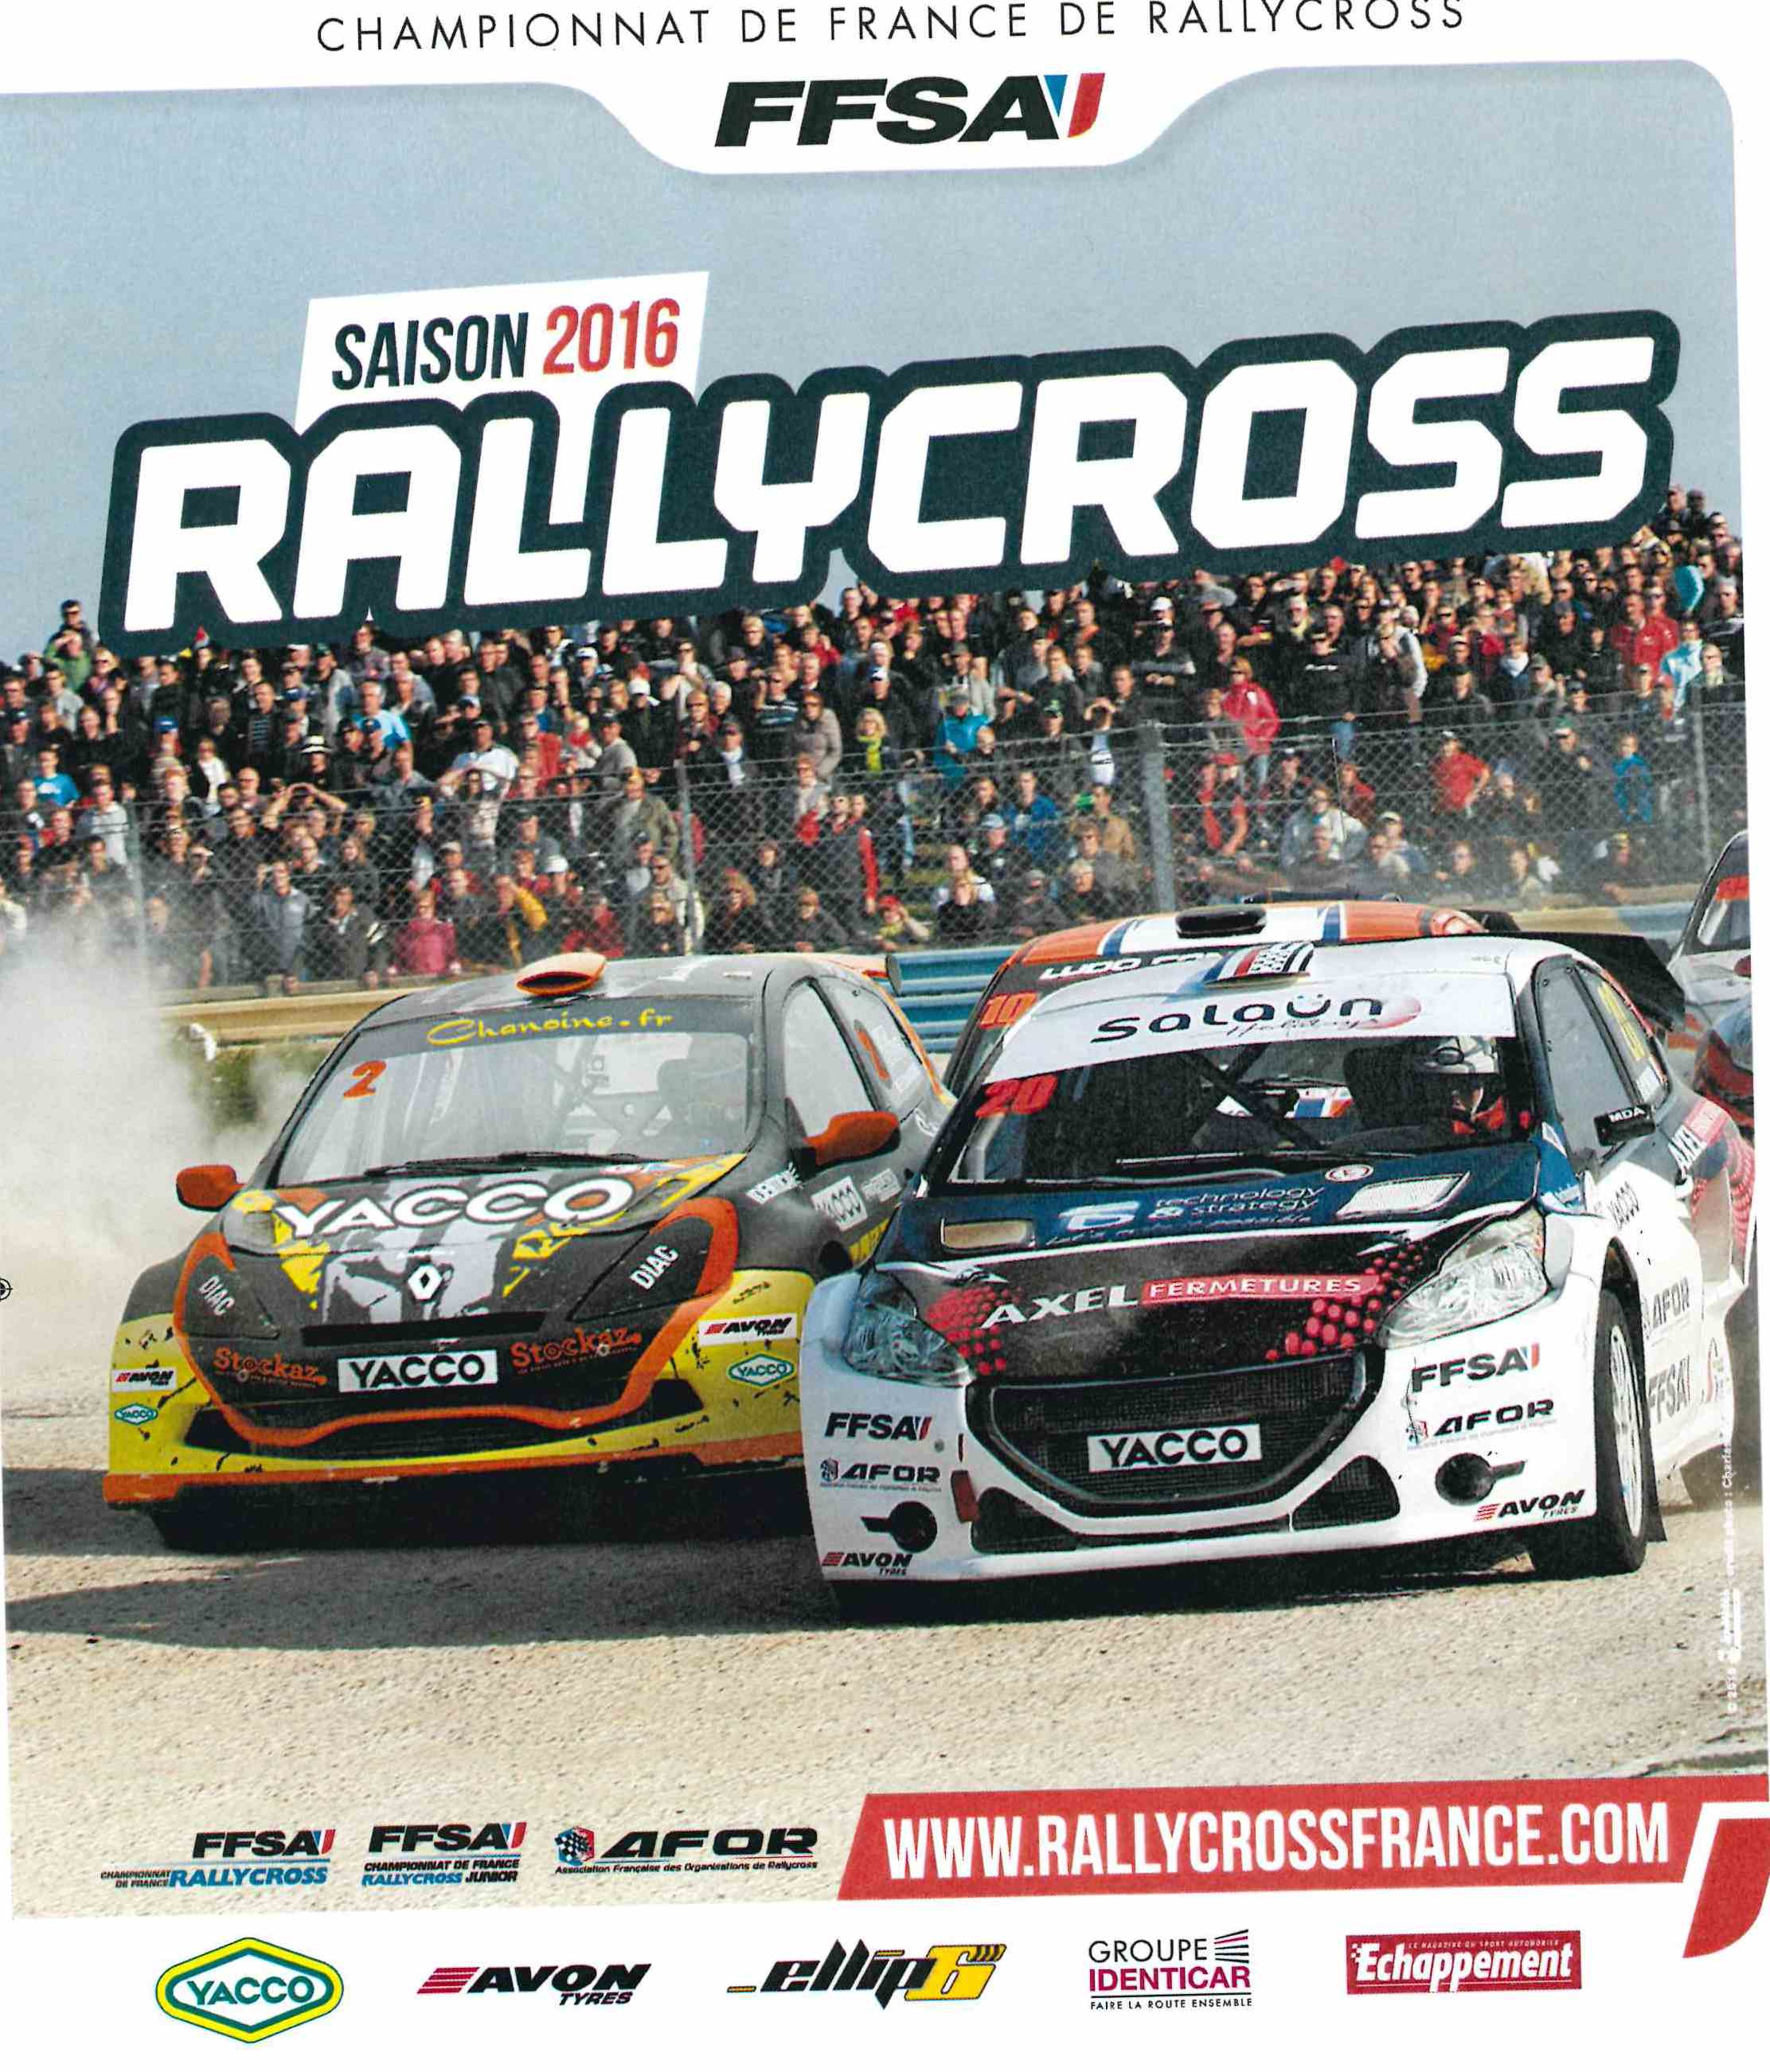 rallycrossfaleyras /